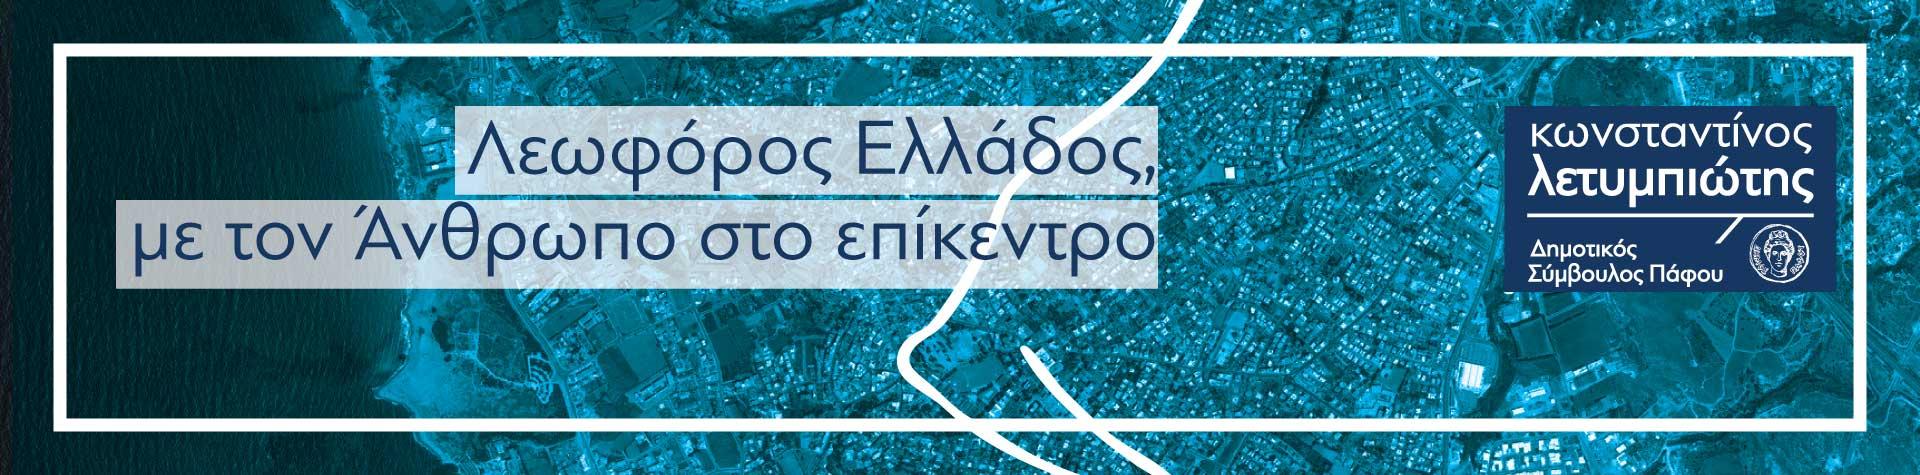 Λεωφόρος Ελλάδος…με τον Άνθρωπο στο επίκεντρο!